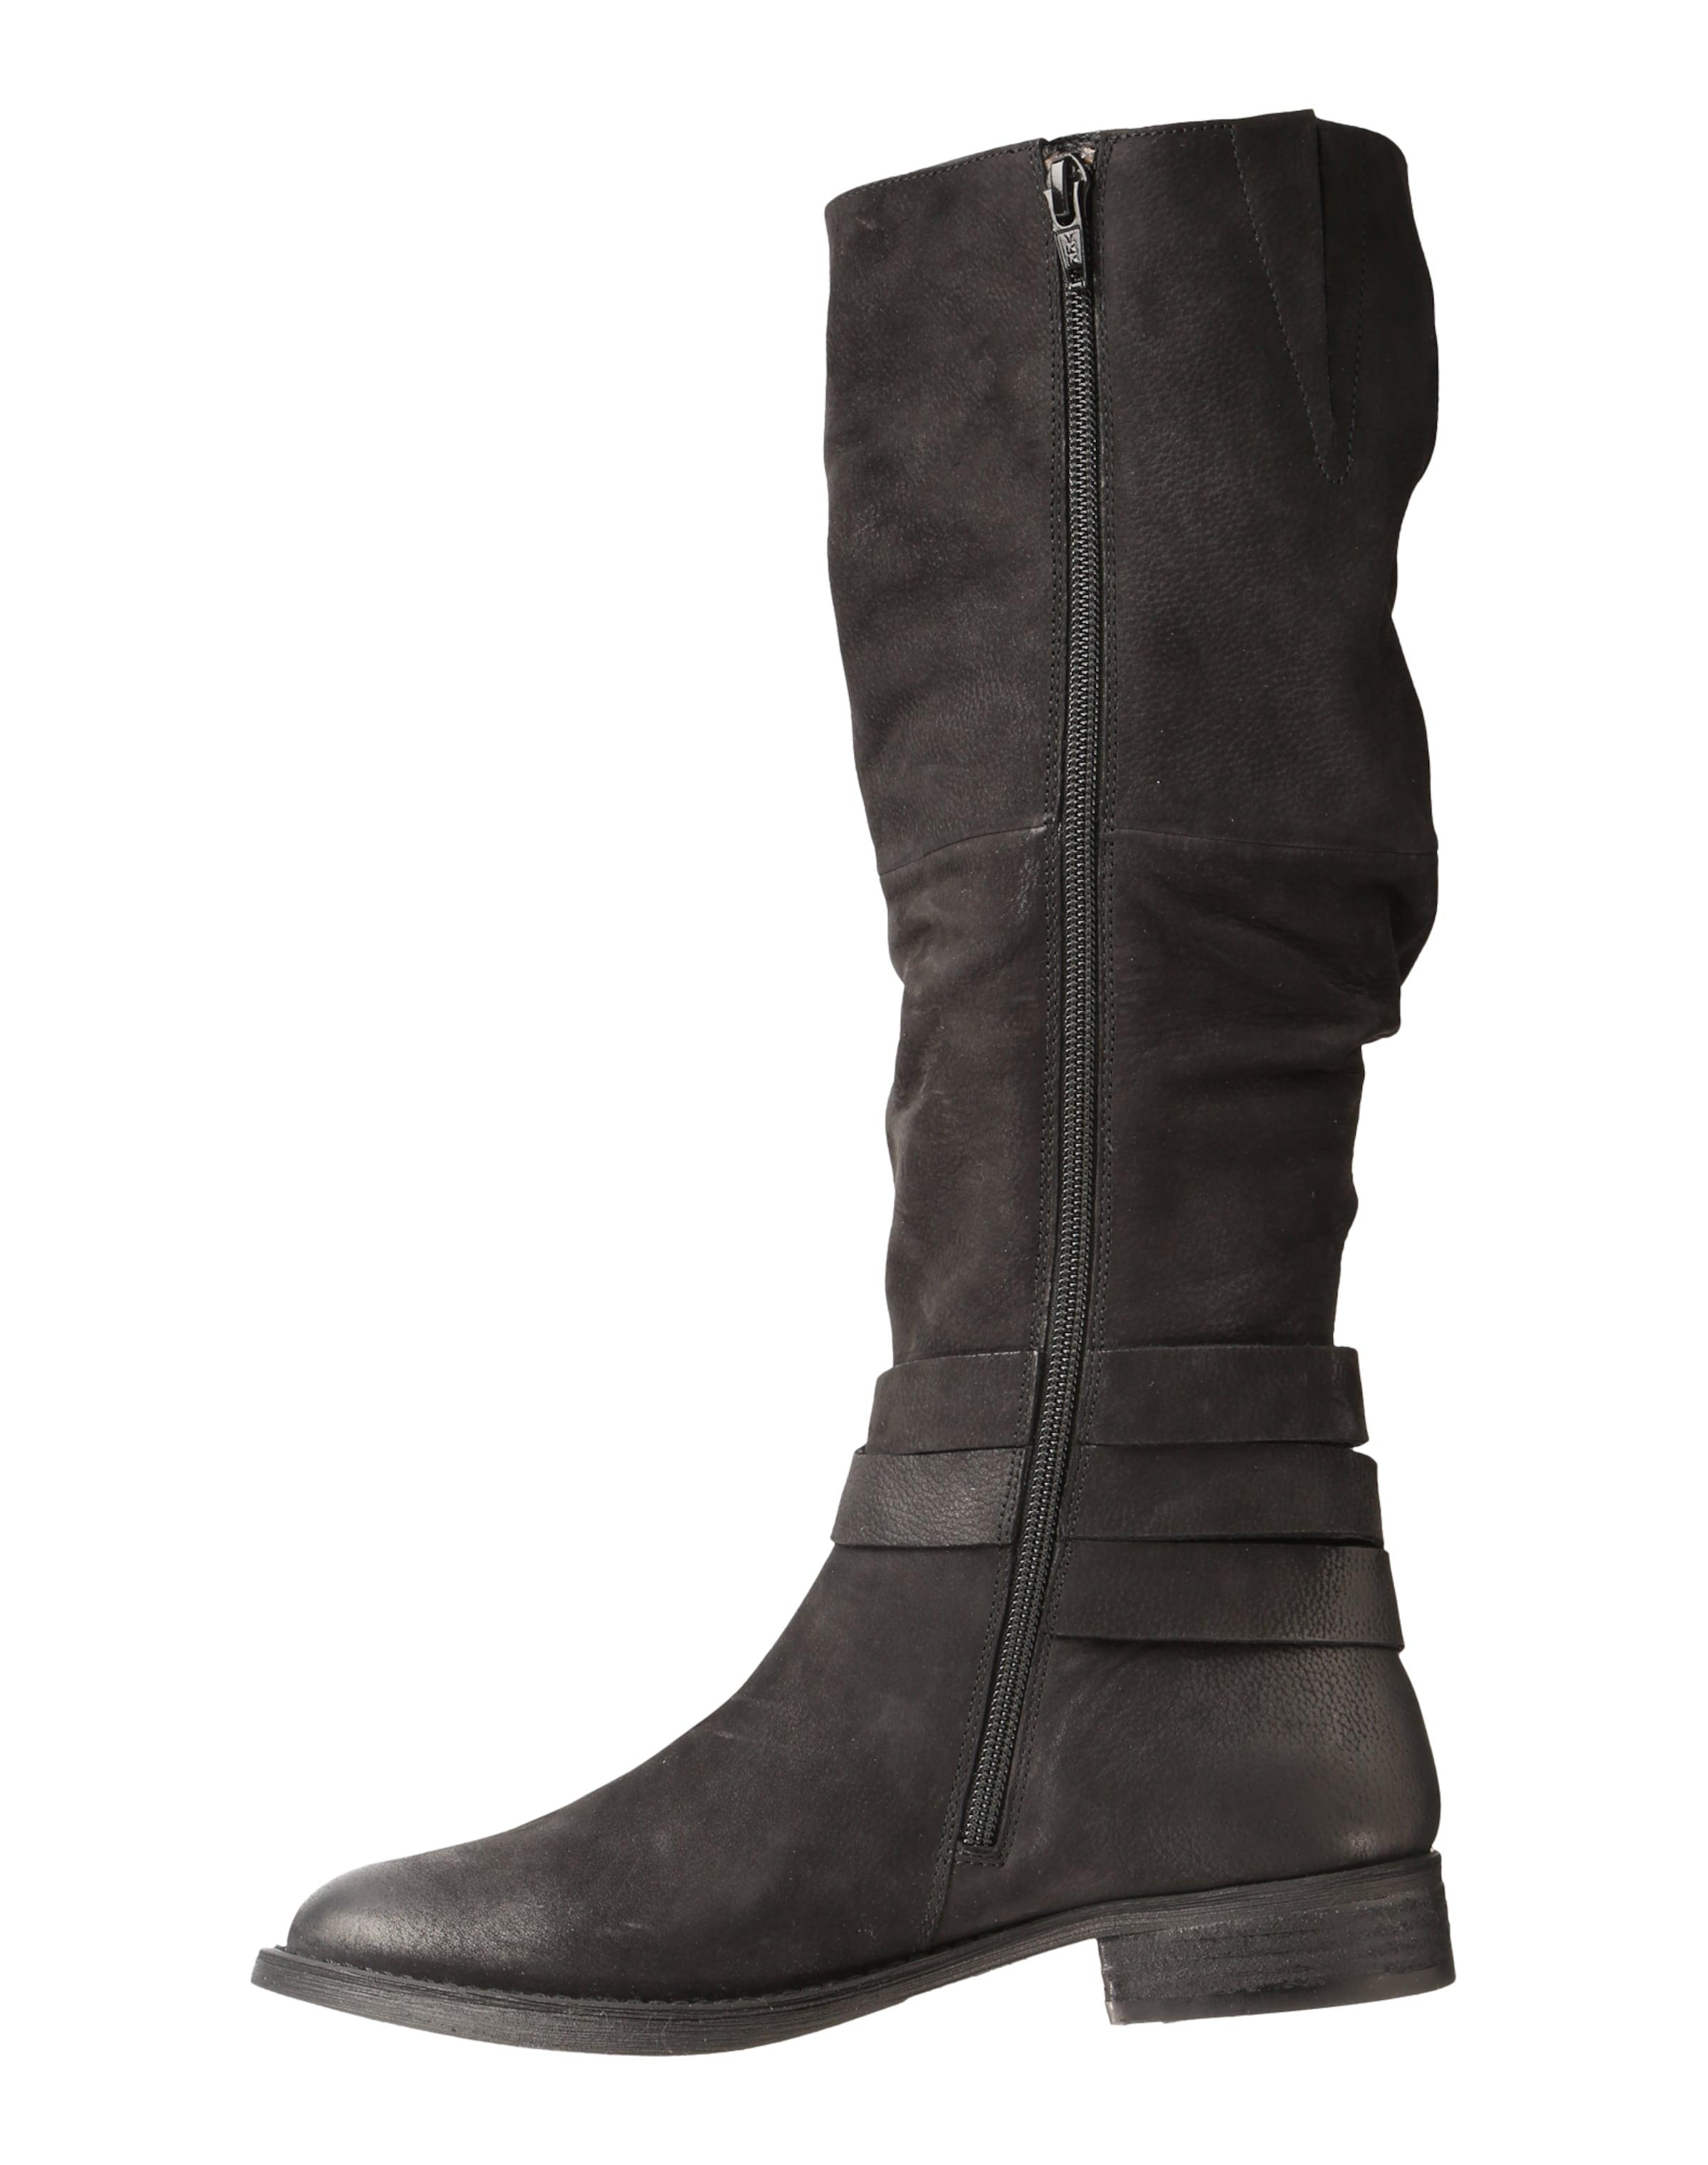 Aus High 'usa' Boots Schwarz In Spm Leder wOZN80XnPk